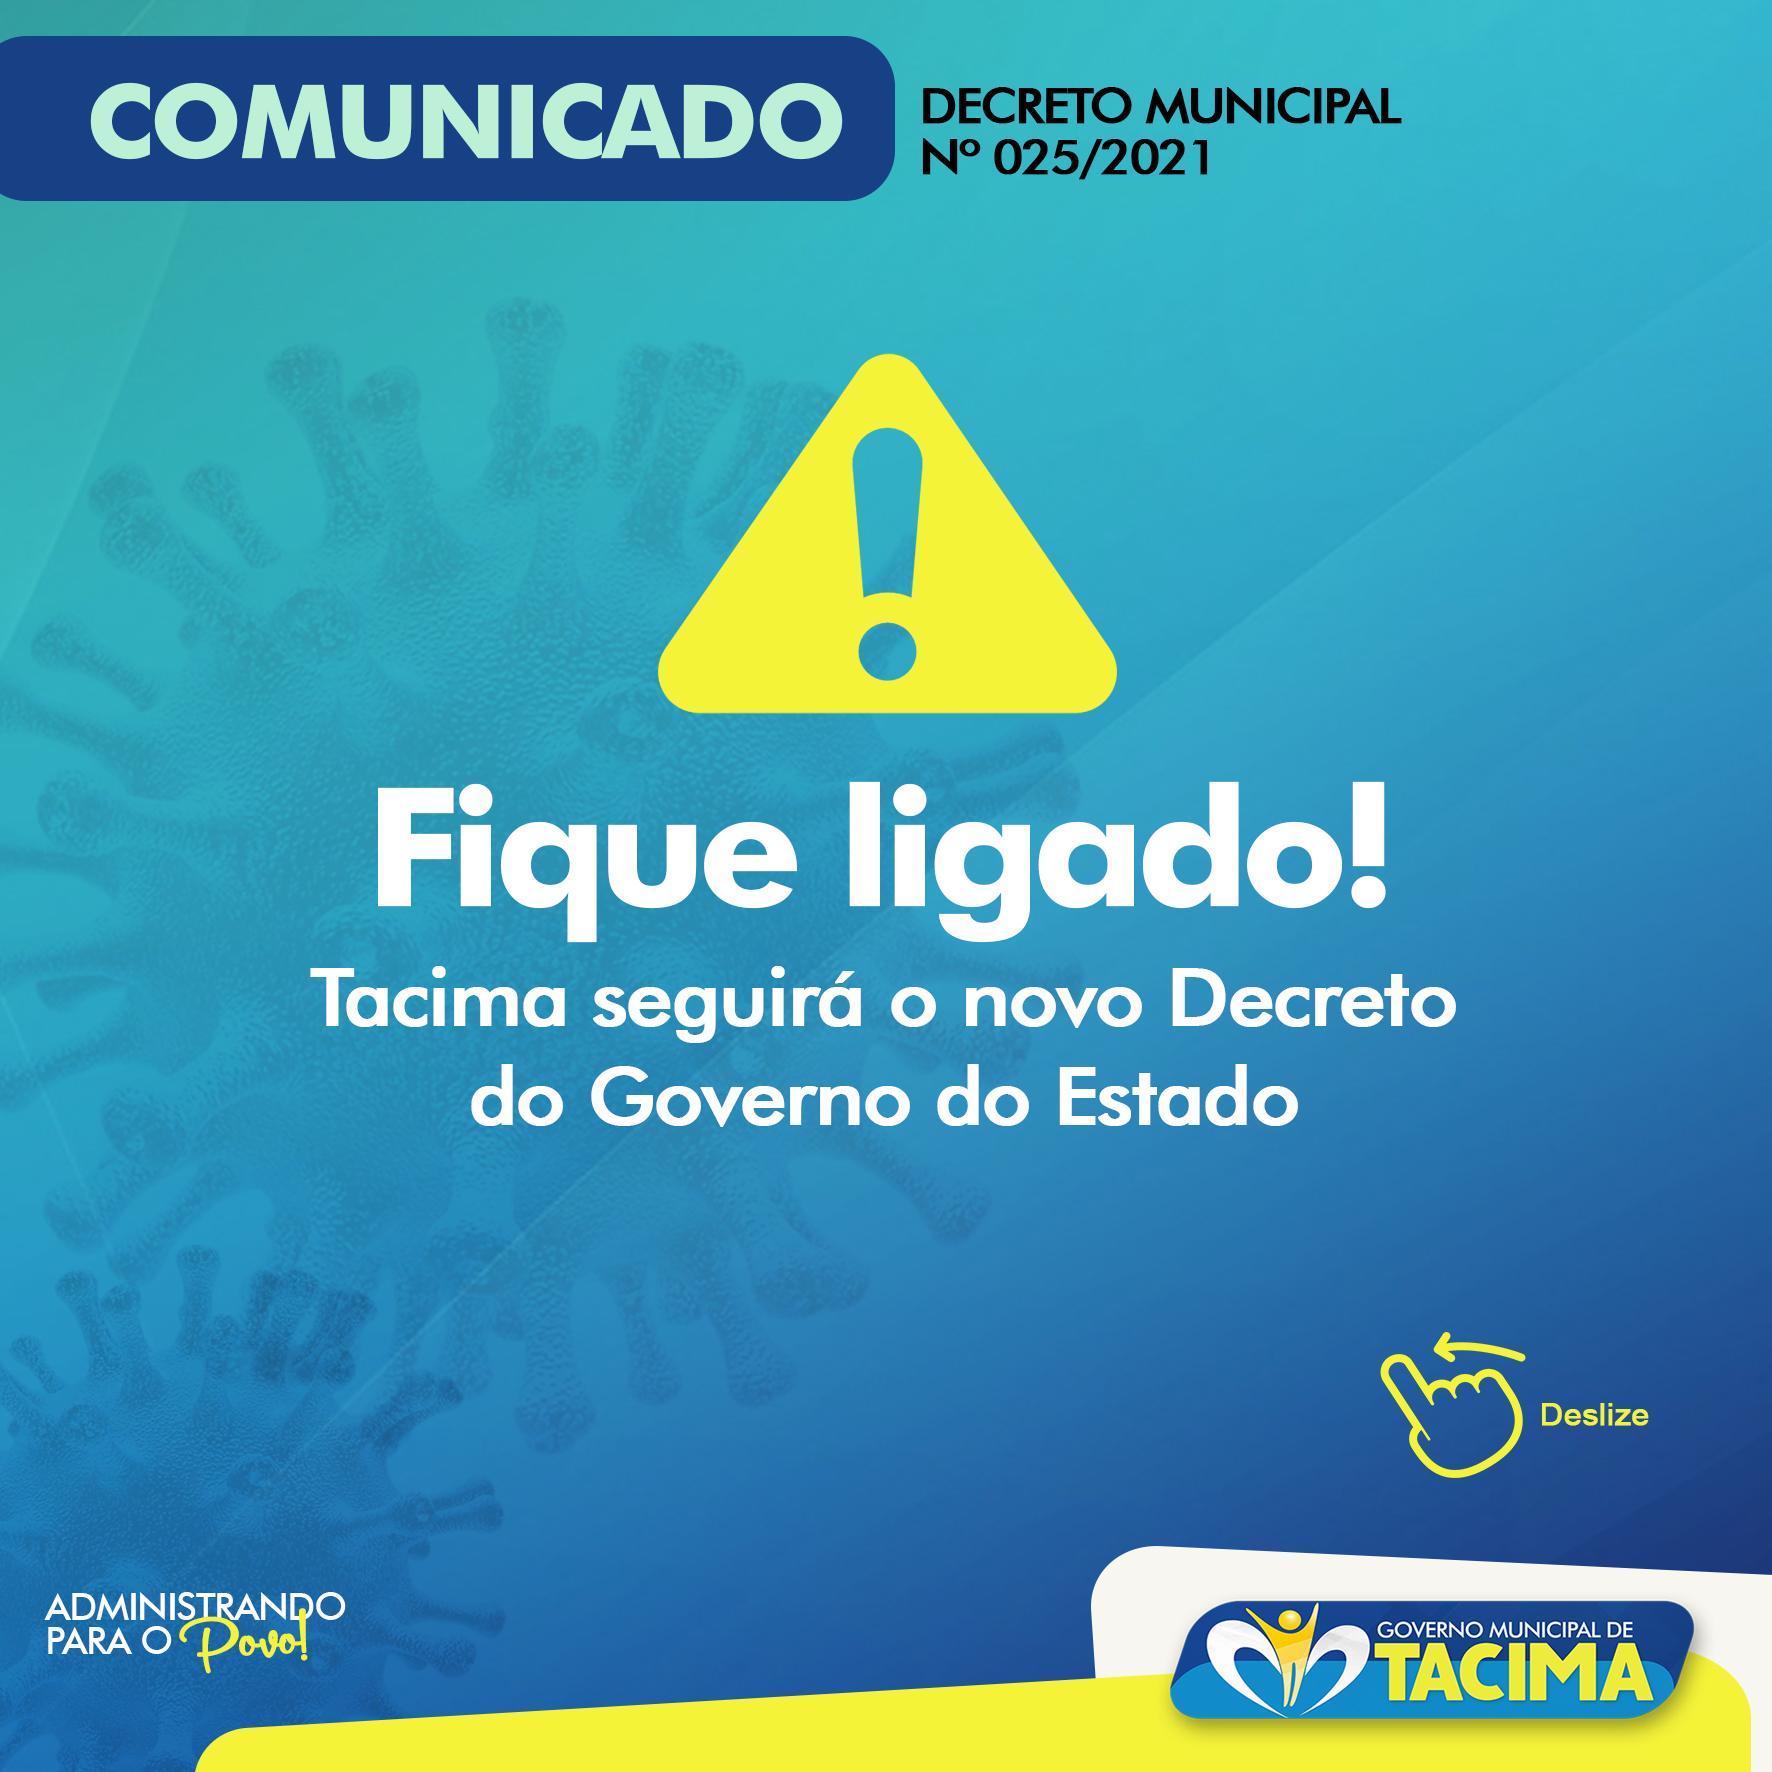 Tacima segue o novo Decreto do Governo do Estado e flexibiliza funcionamento de bares, restaurantes e lanchonetes. Saiba mais